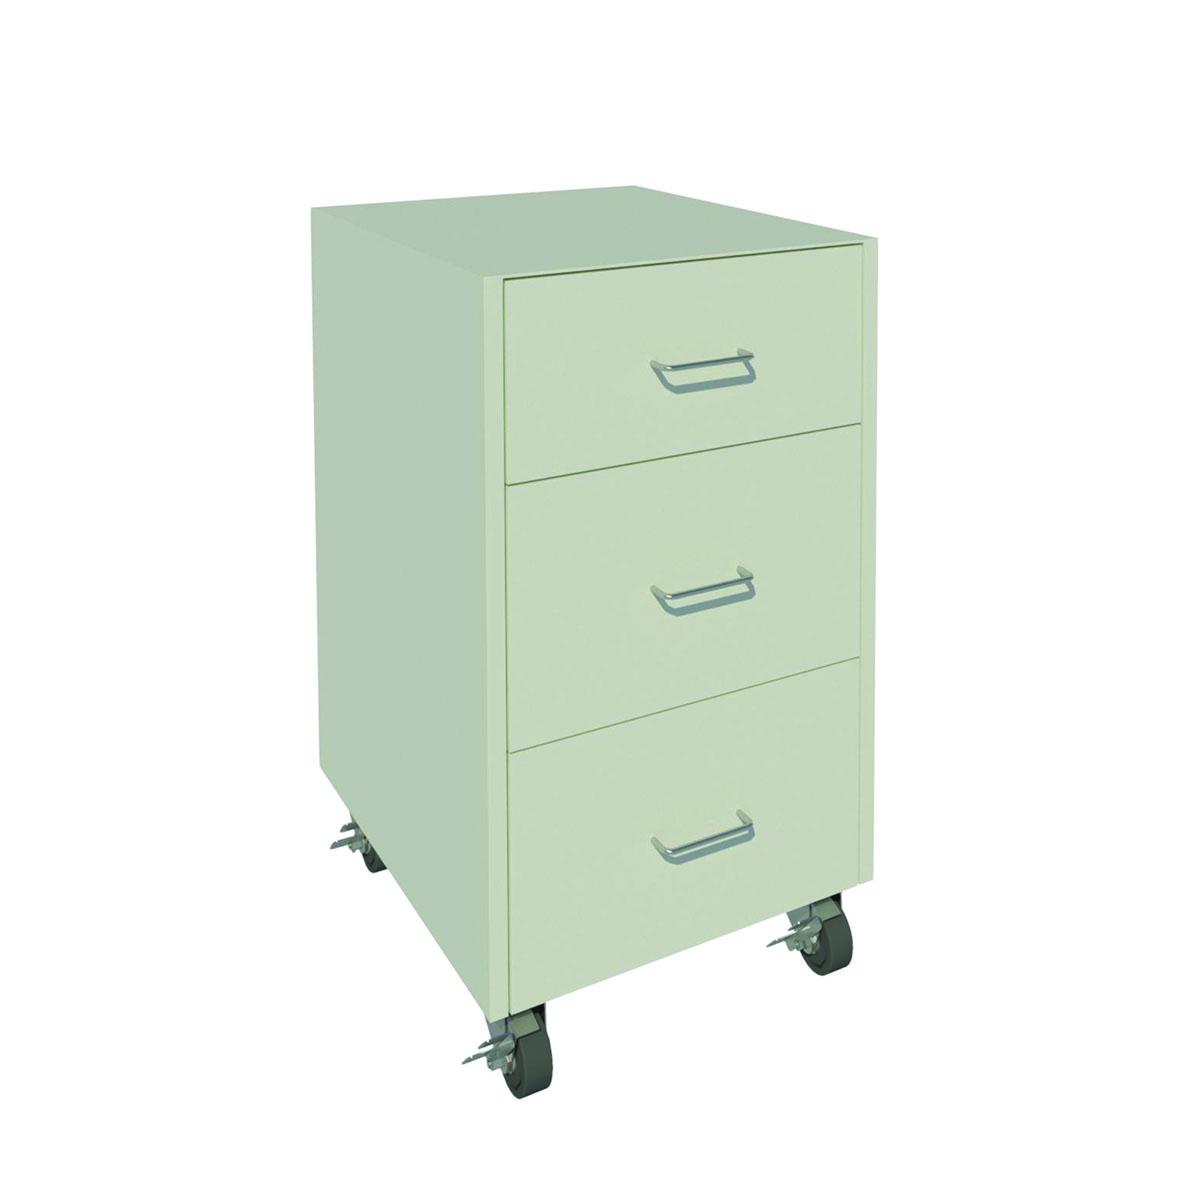 GSJTP1021-18 | Mob. Cab 3 Drawer 32 T 18 W